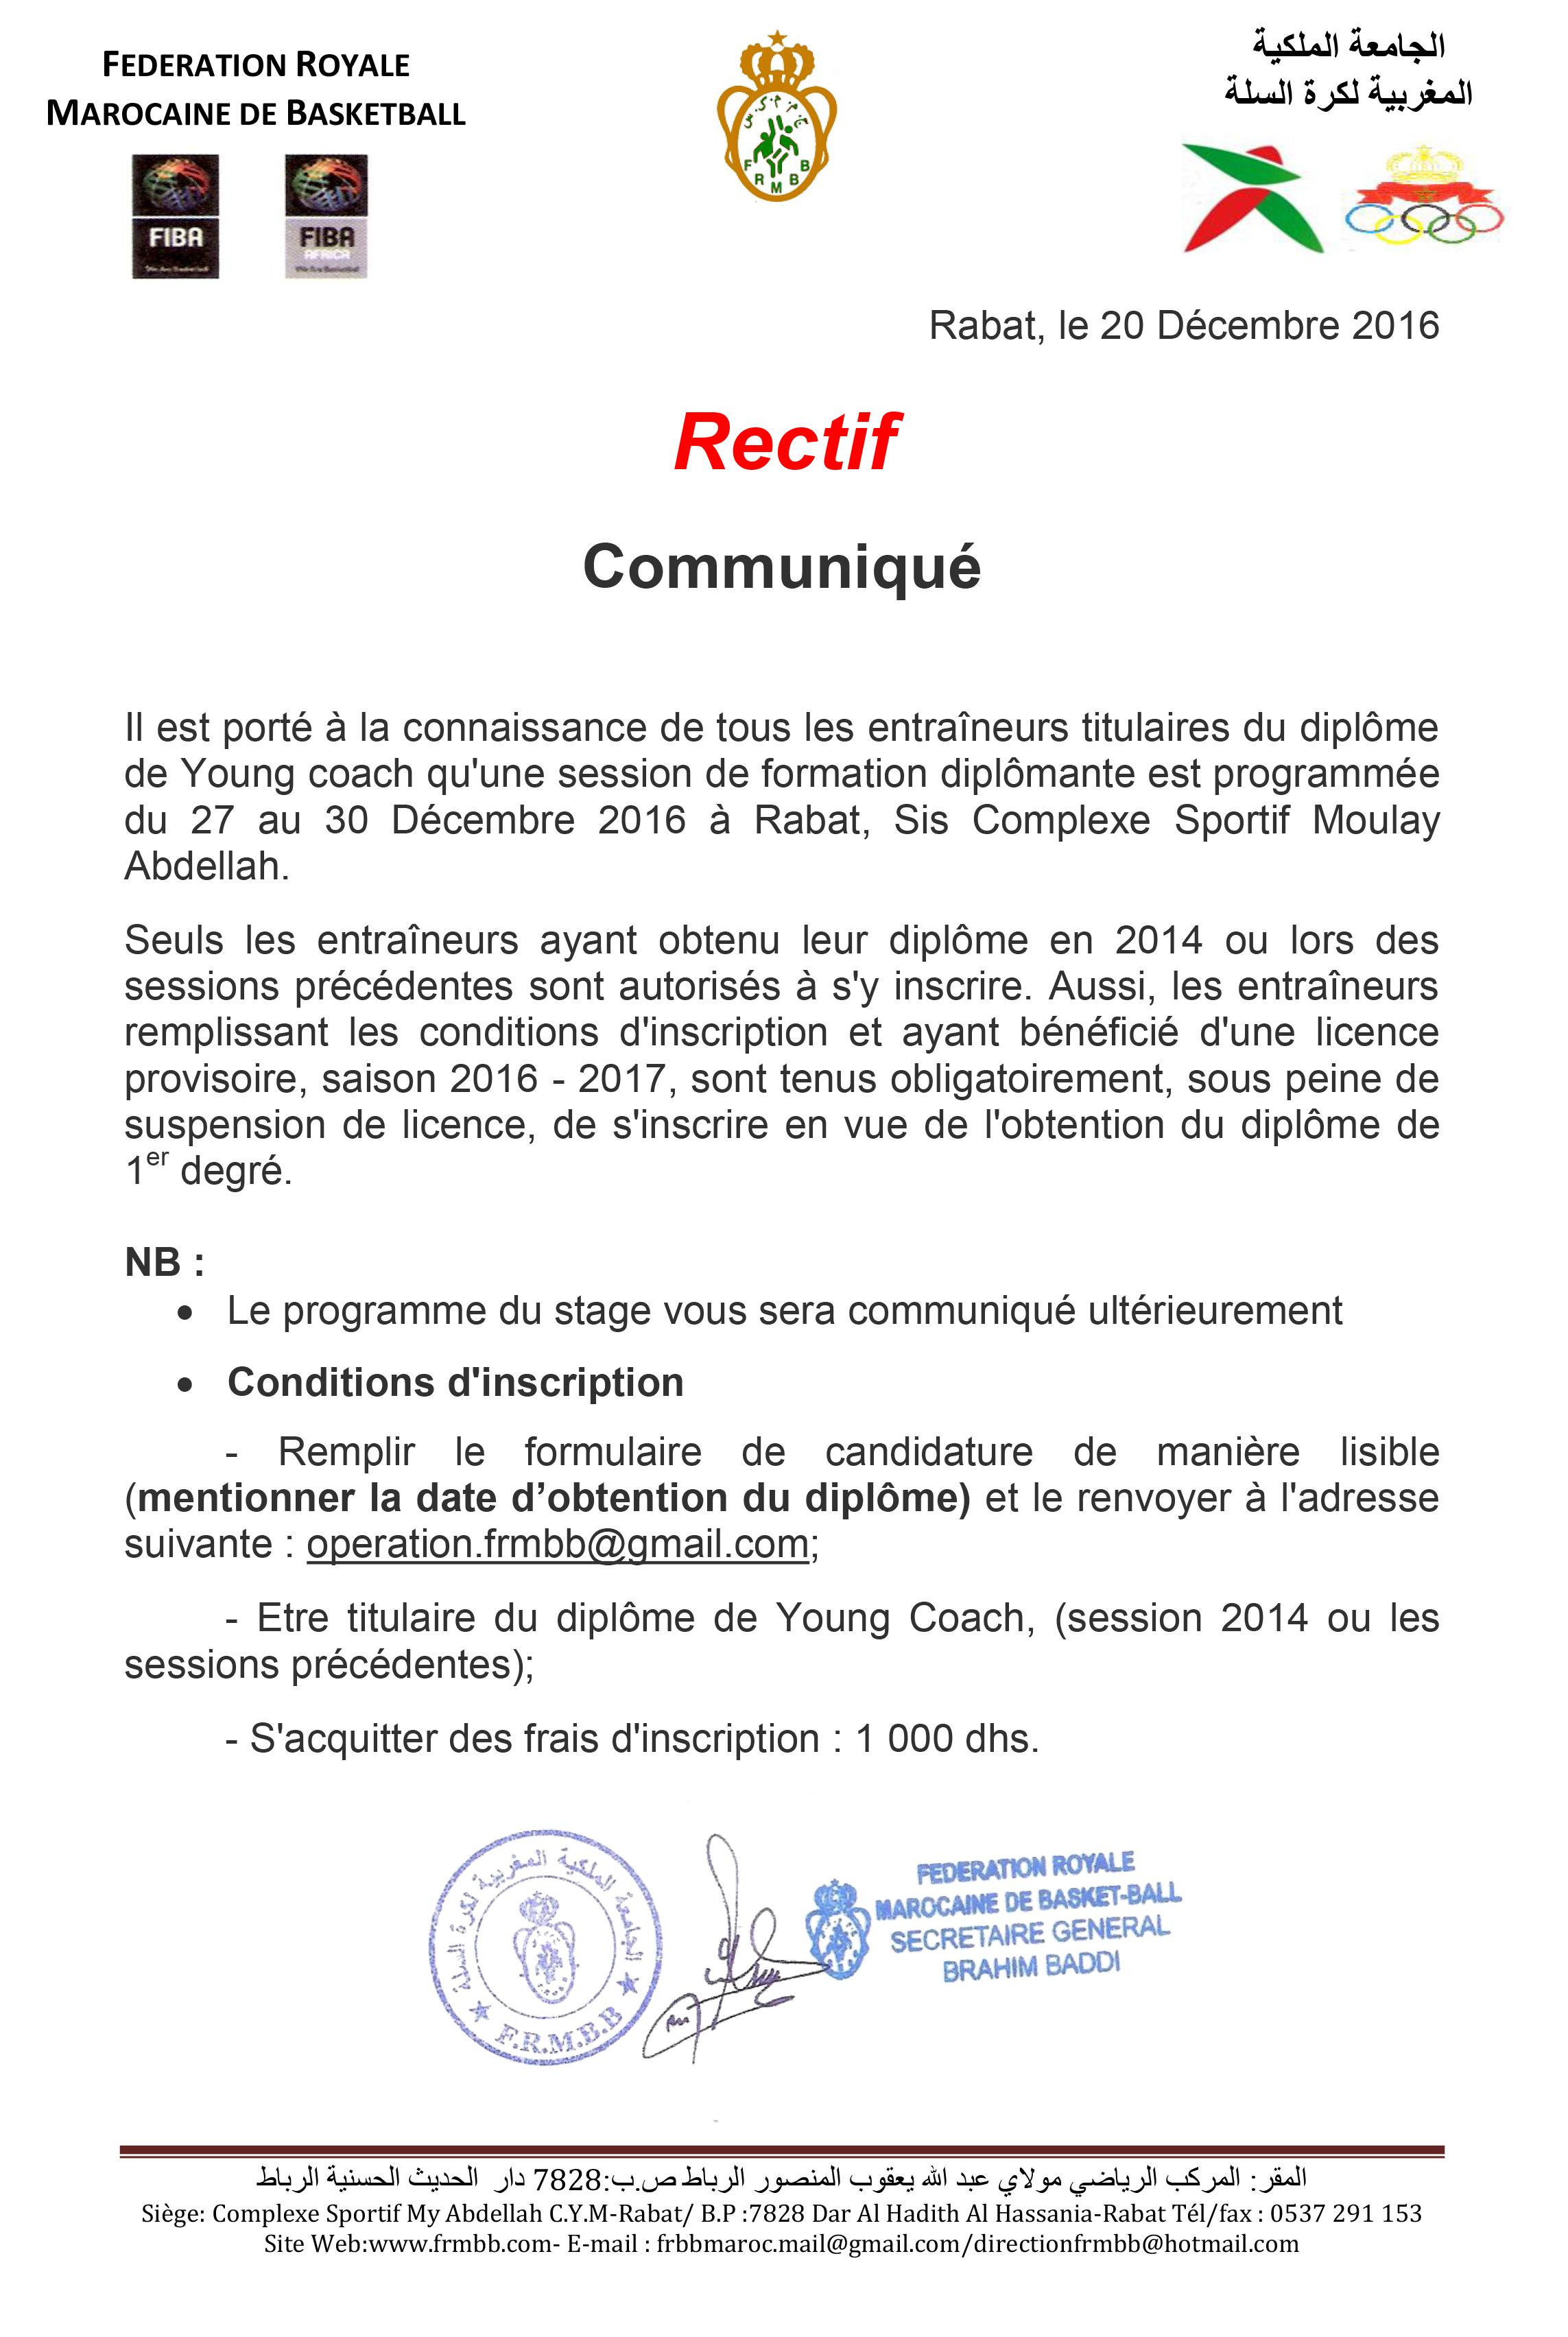 communique-de-stage-dentraineurs-degre-1-rabat-27-30-decembre-2016-copy